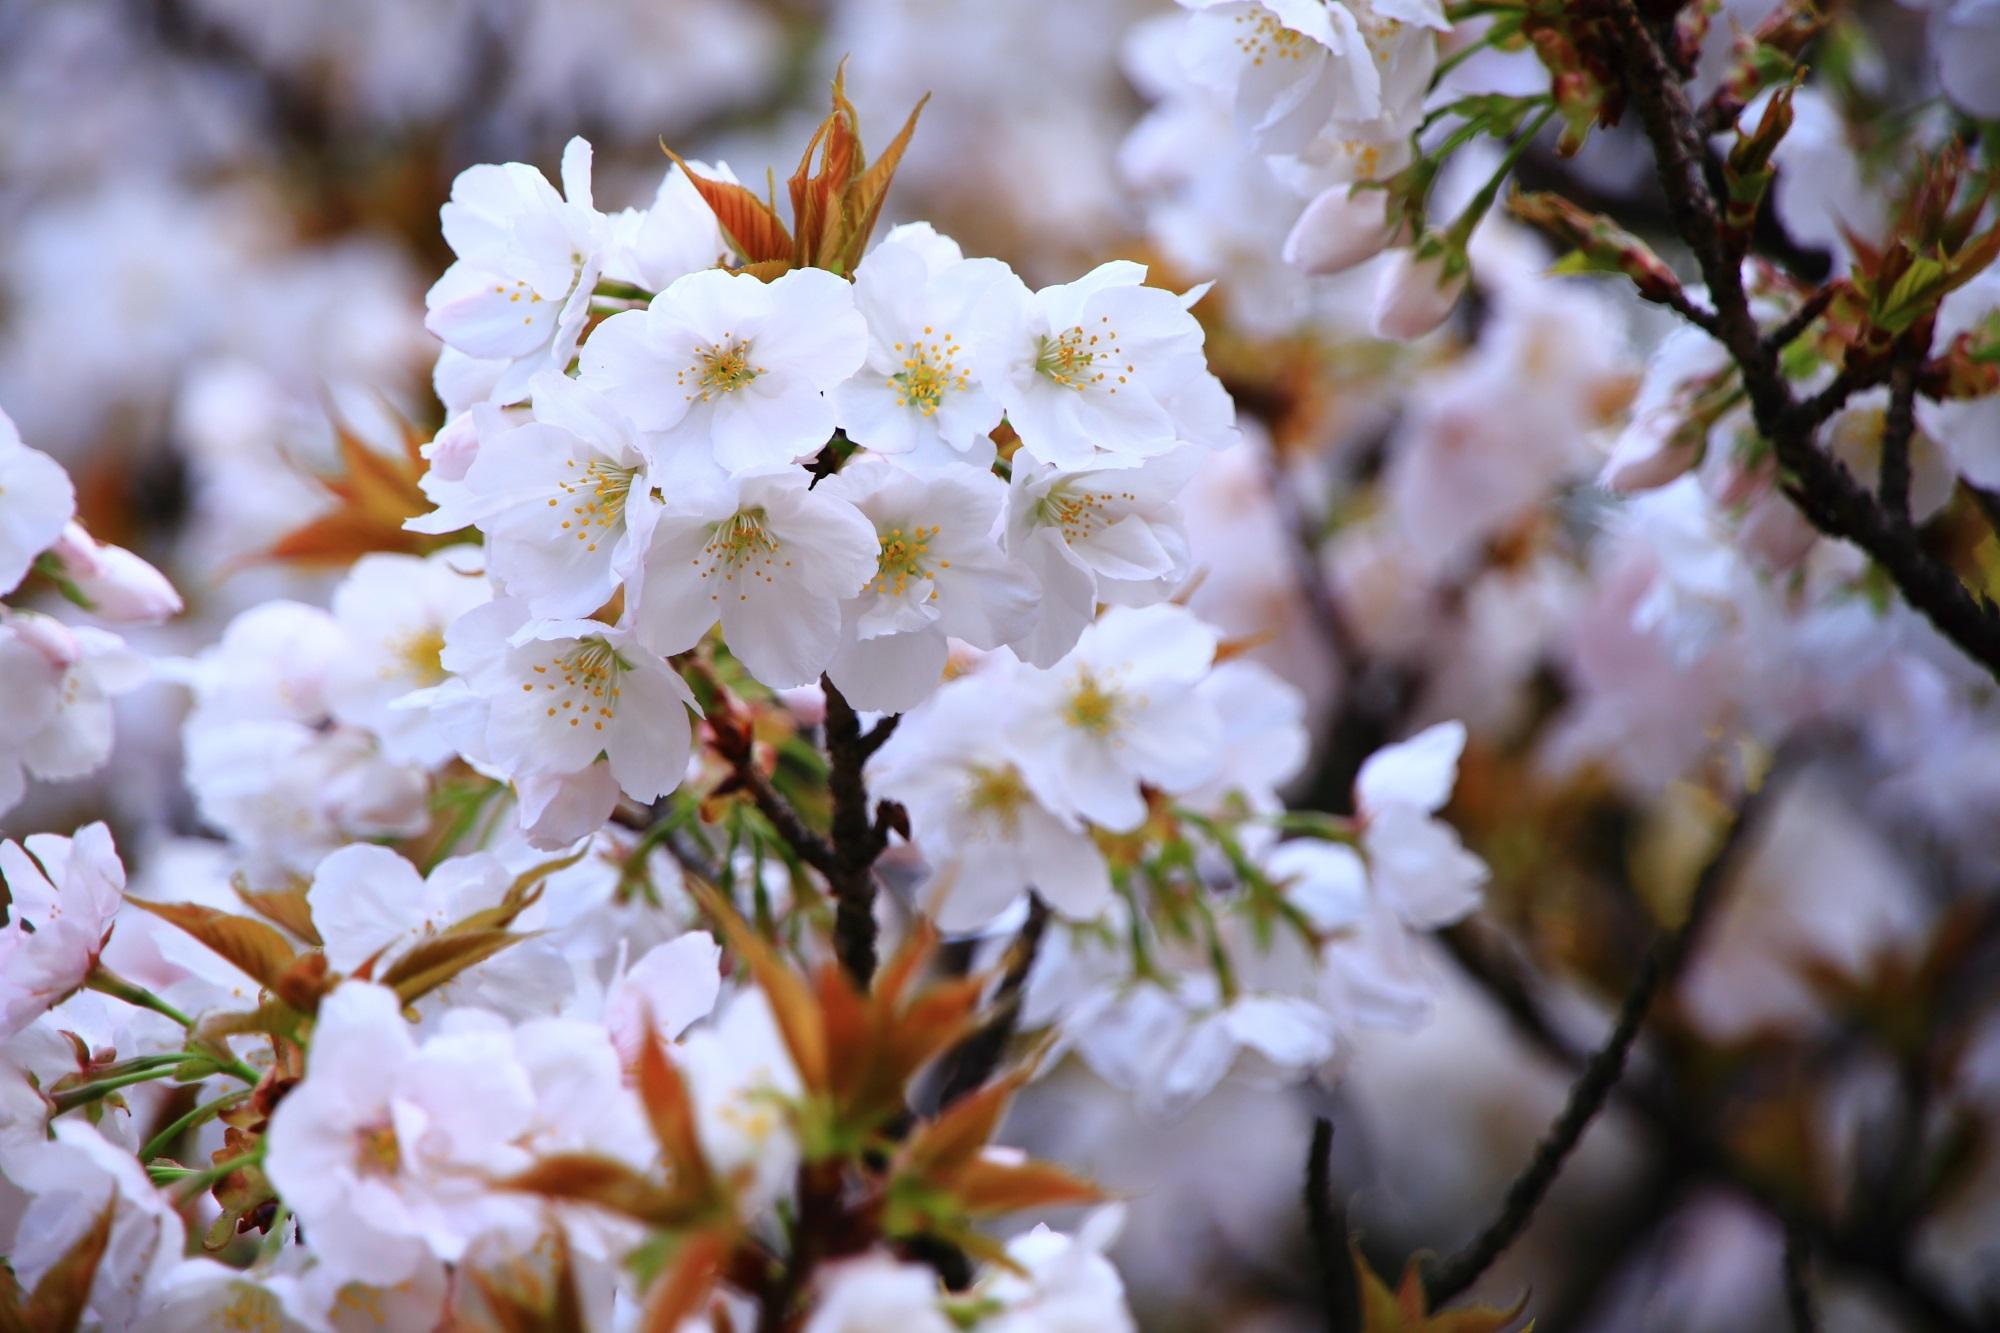 春を彩る華やかな白い花